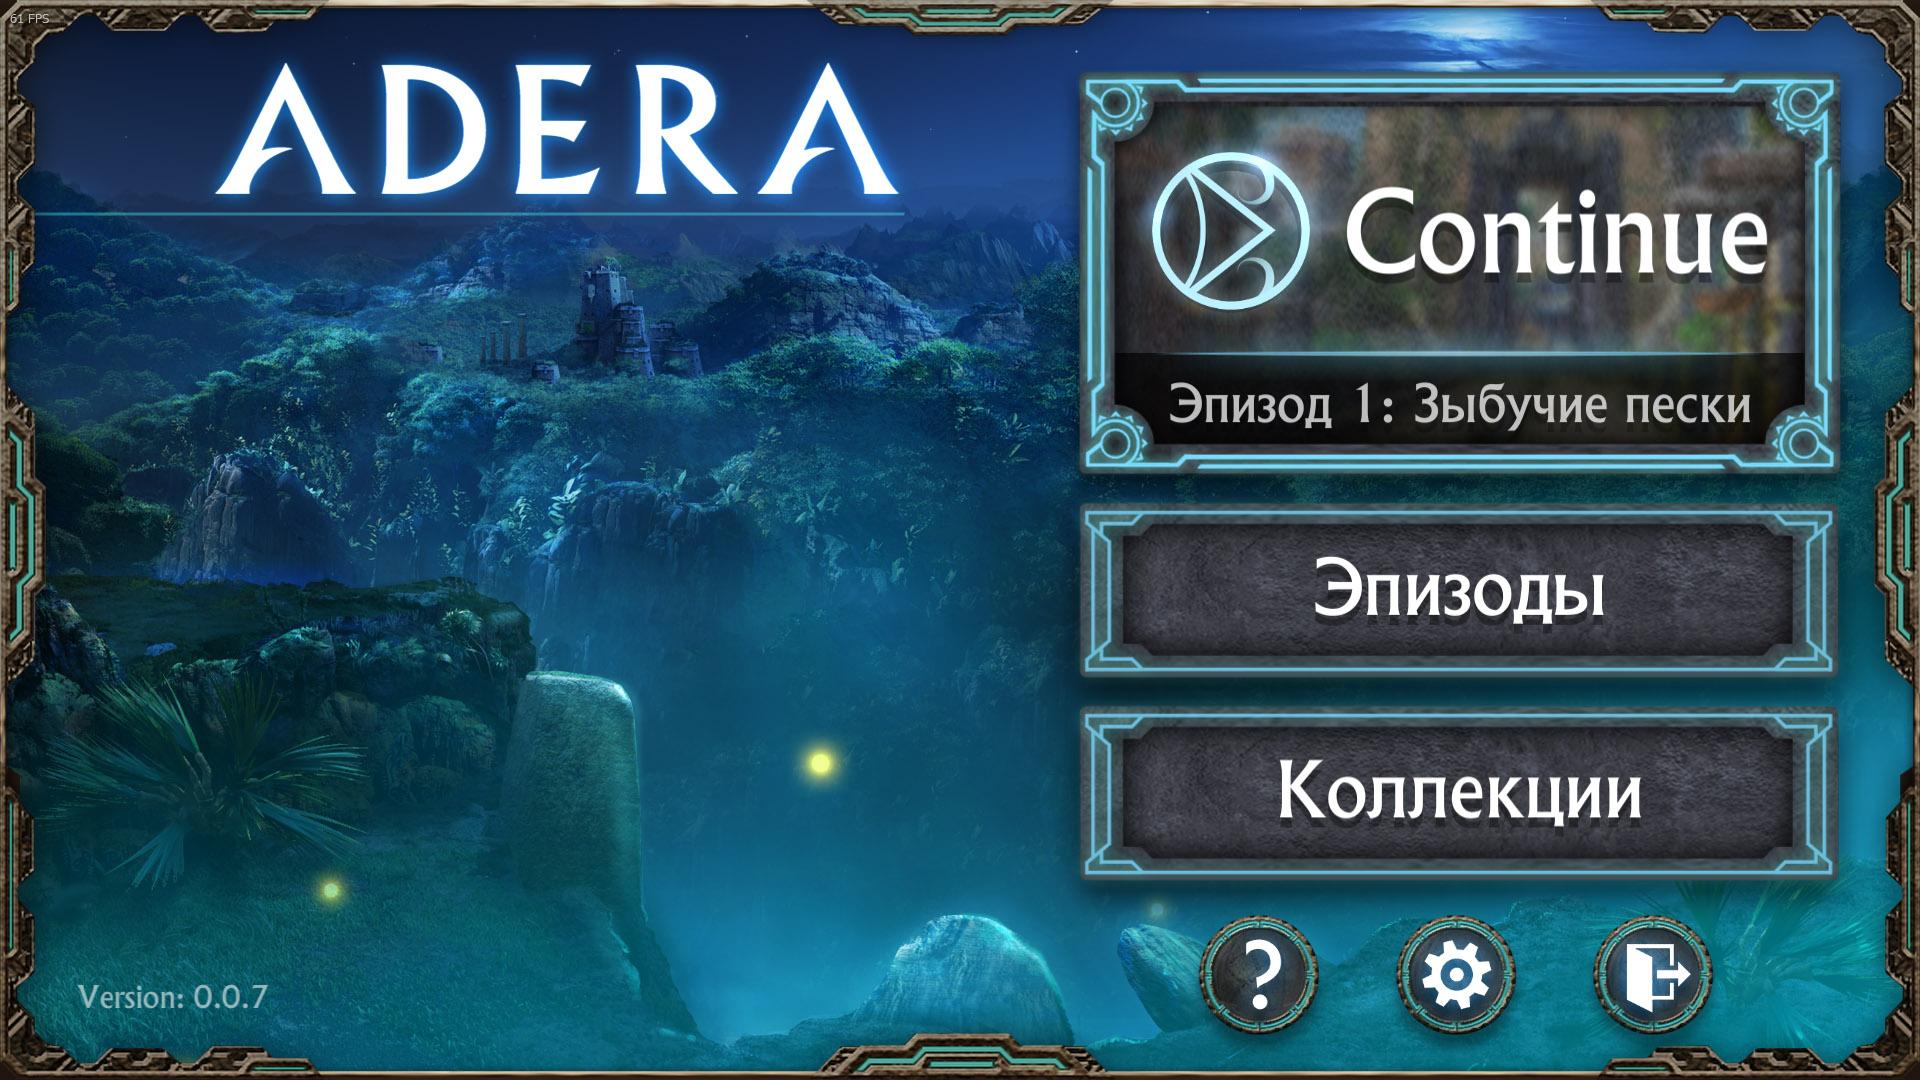 Адера | Adera (Rus) только для 64-битных систем Windows